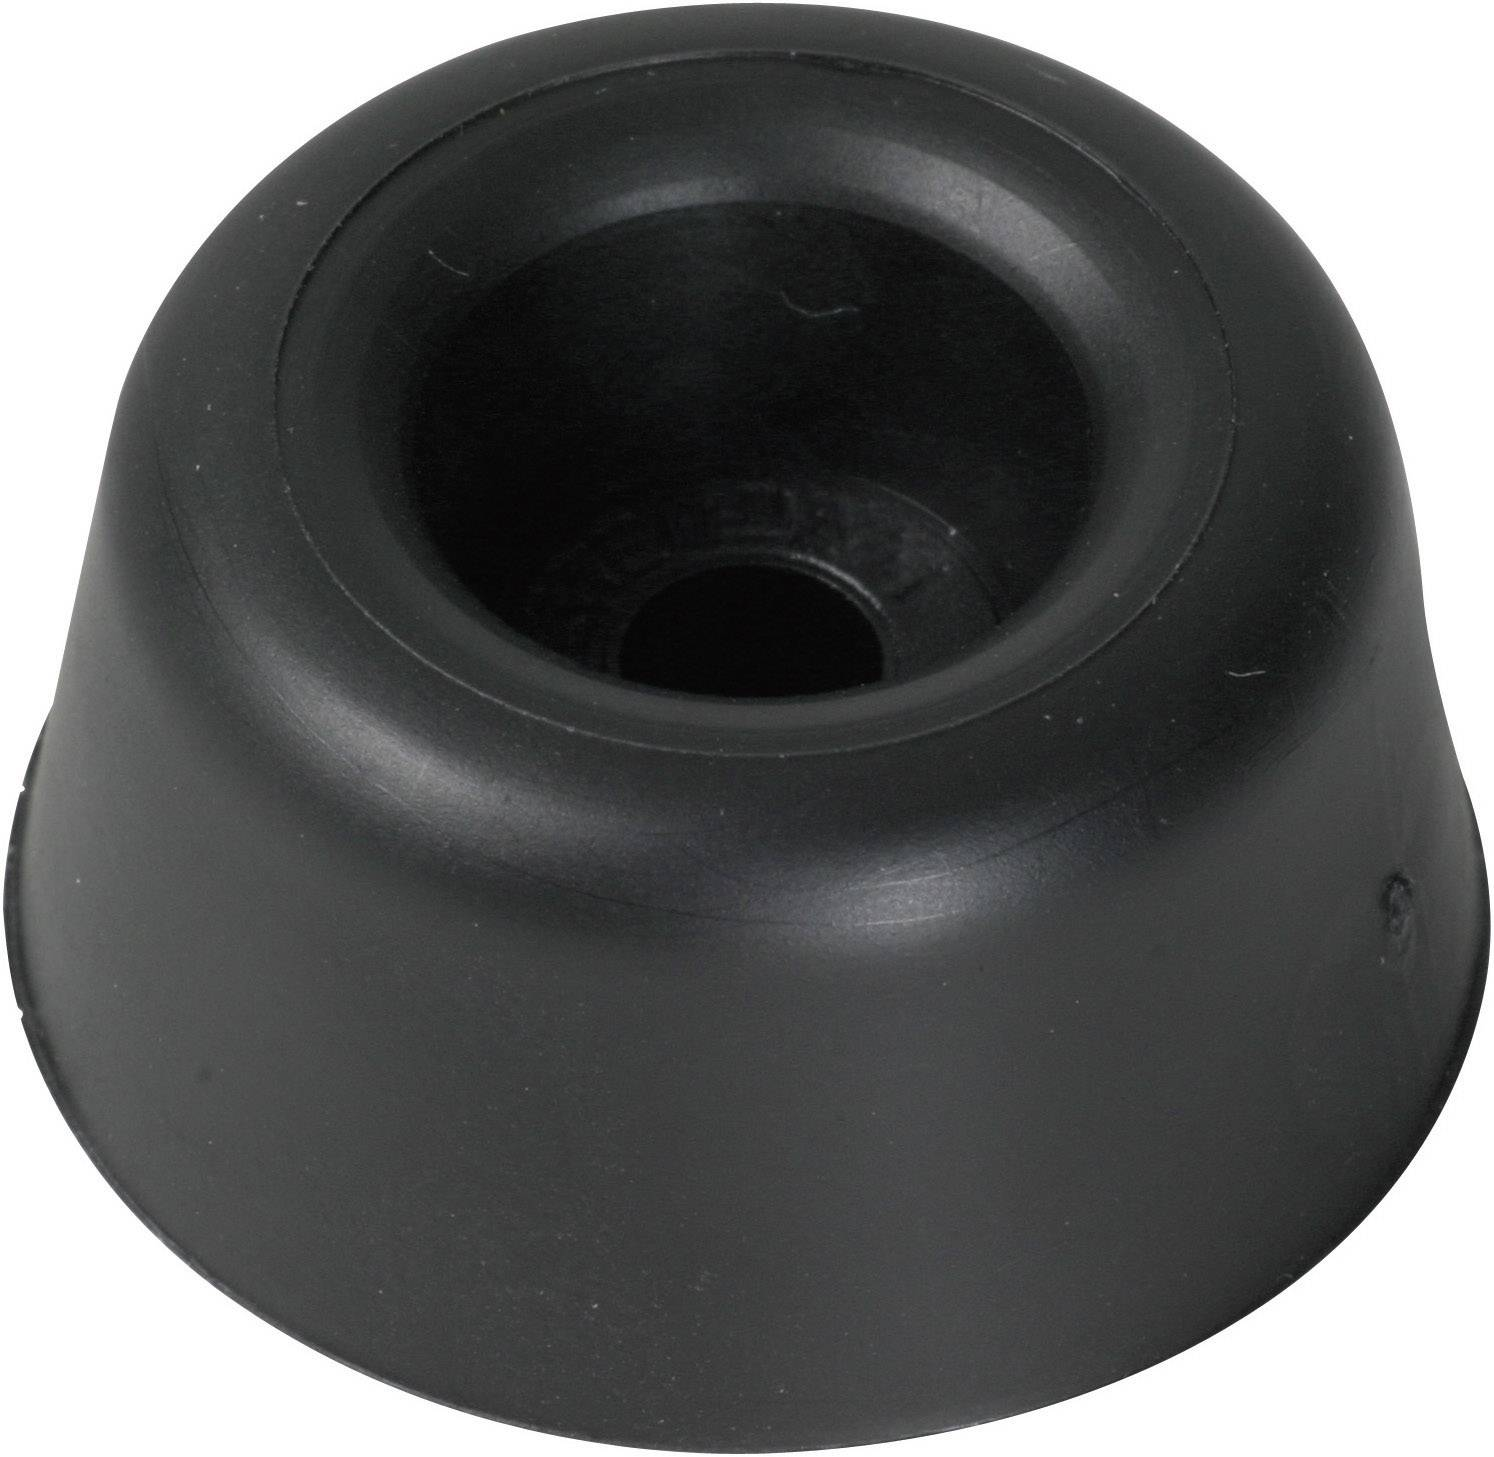 Tlumič nárazů (šroubovatelný) PB Fastener 100495, (Ø x v) 20 mm x 13 mm, černá, 1 ks